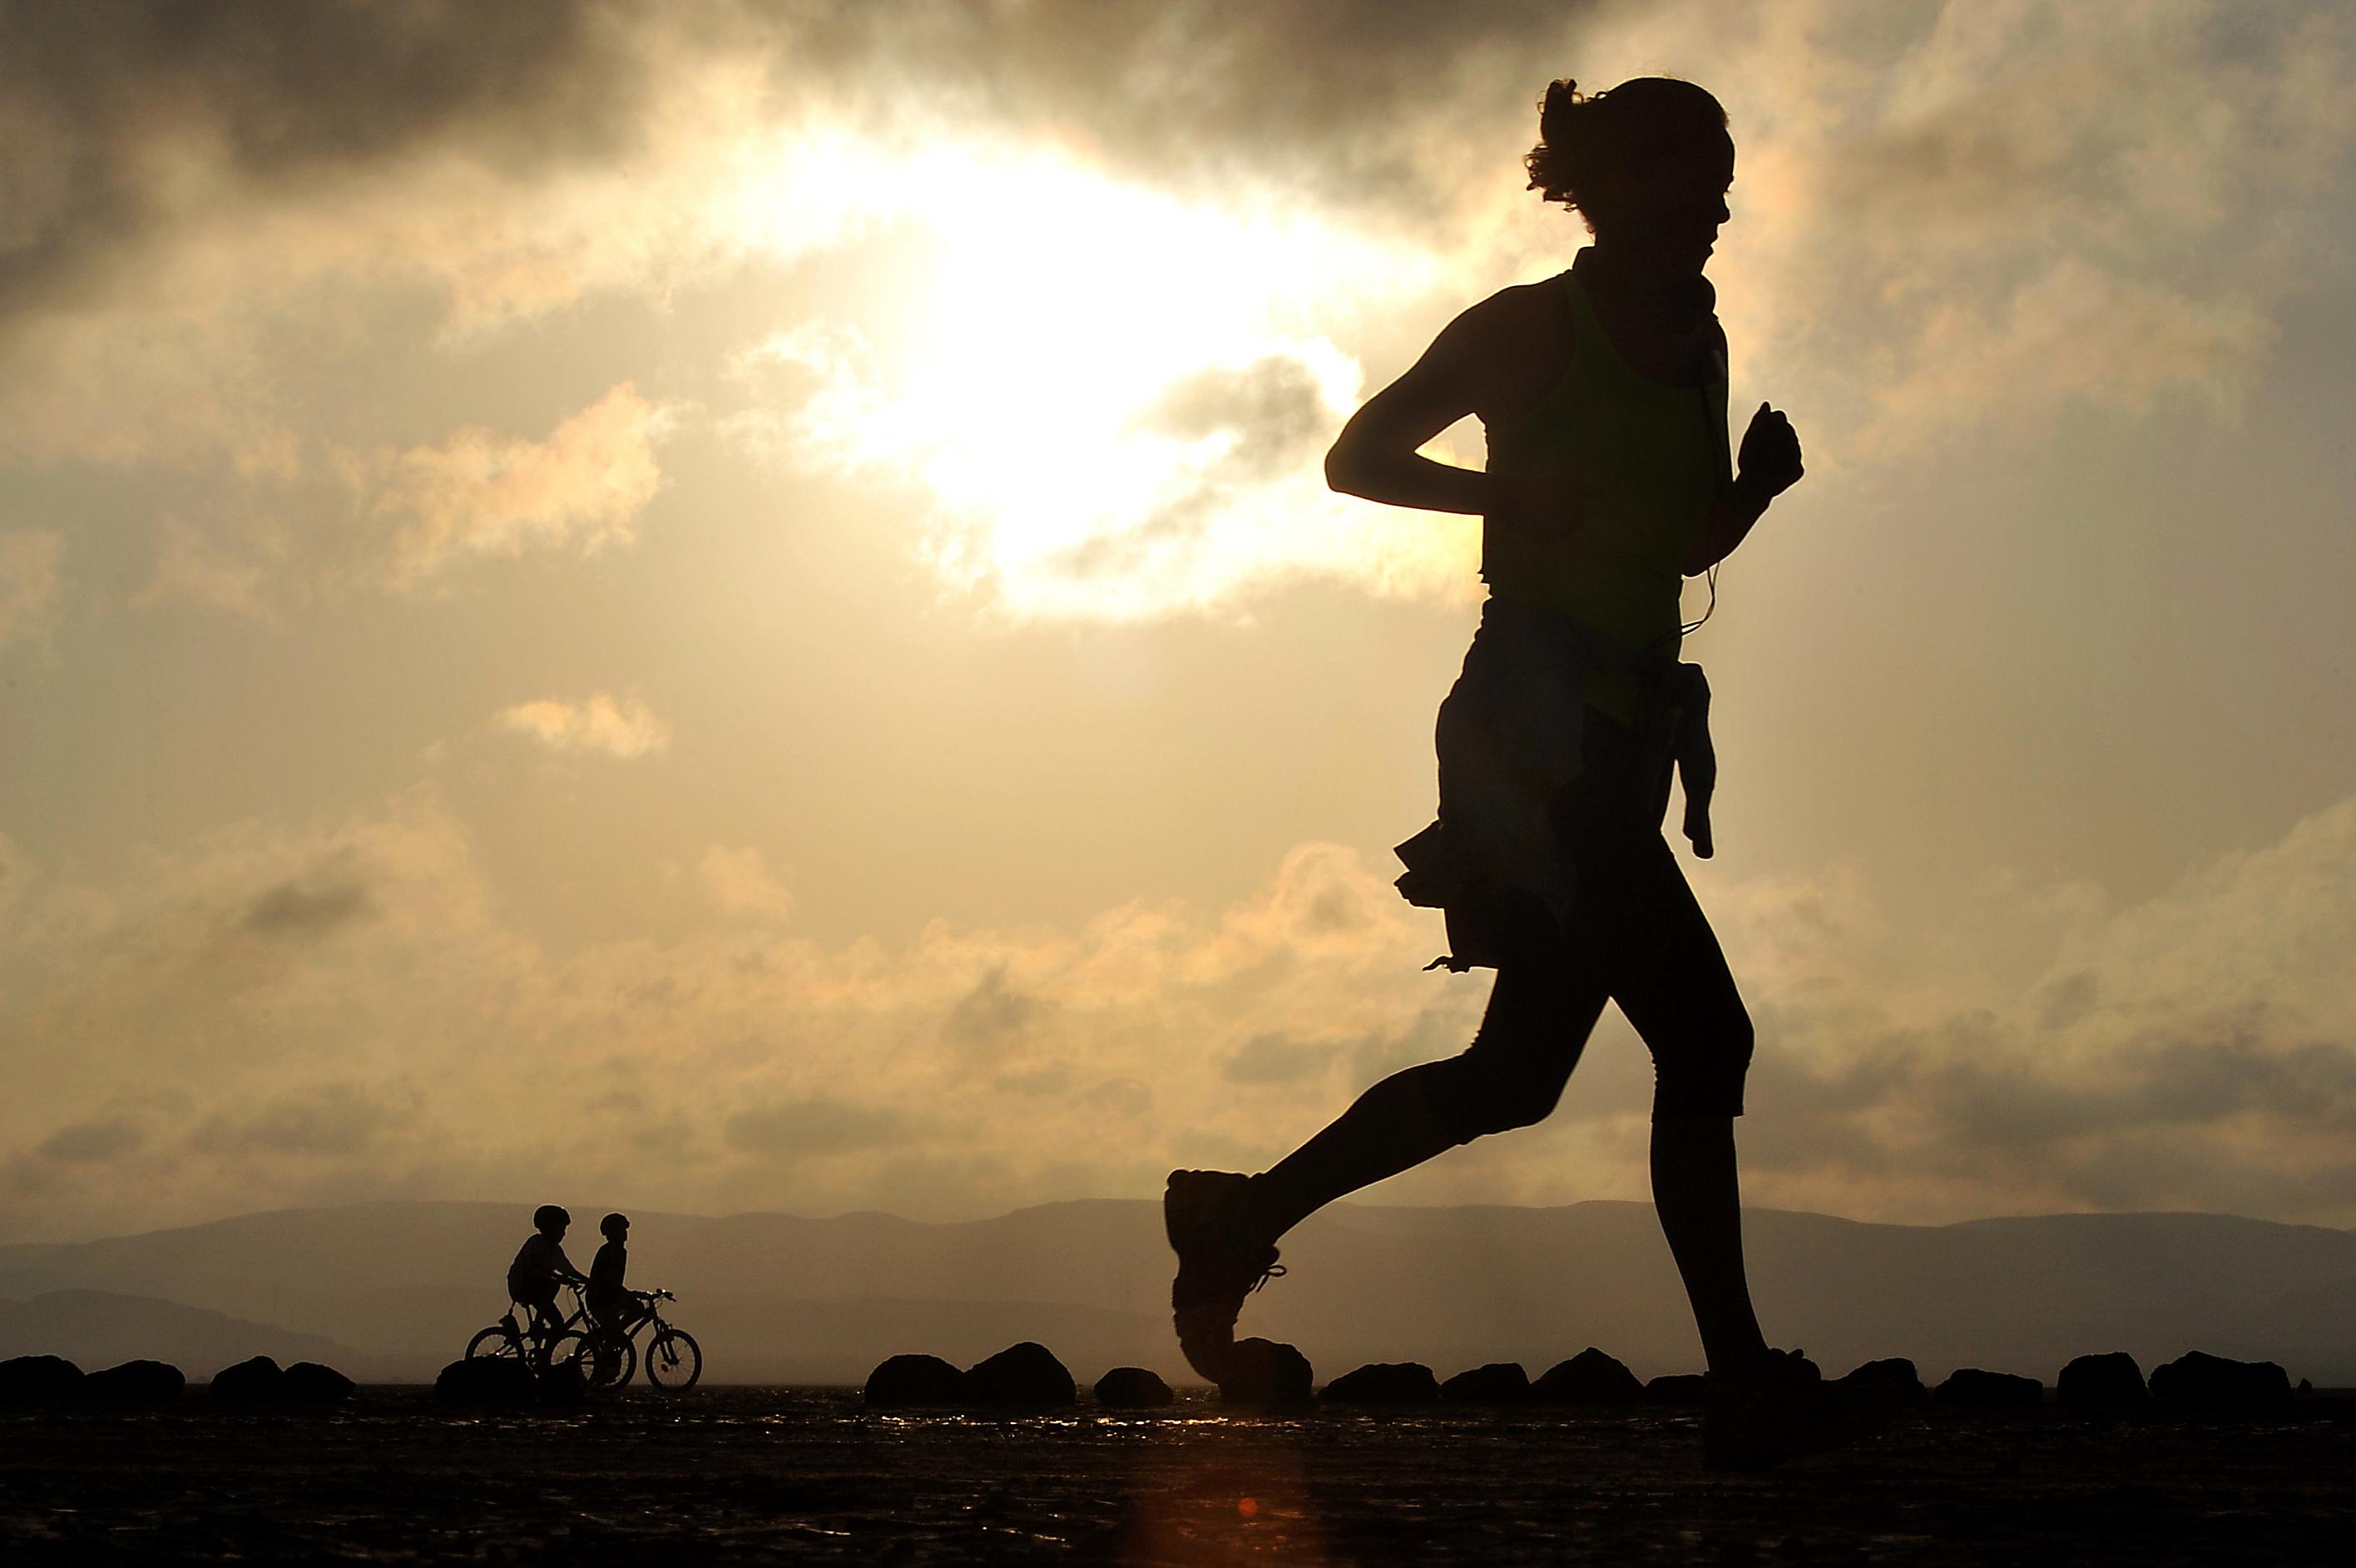 【ダイエット】月100km走ってみました。変化は?痩せた?